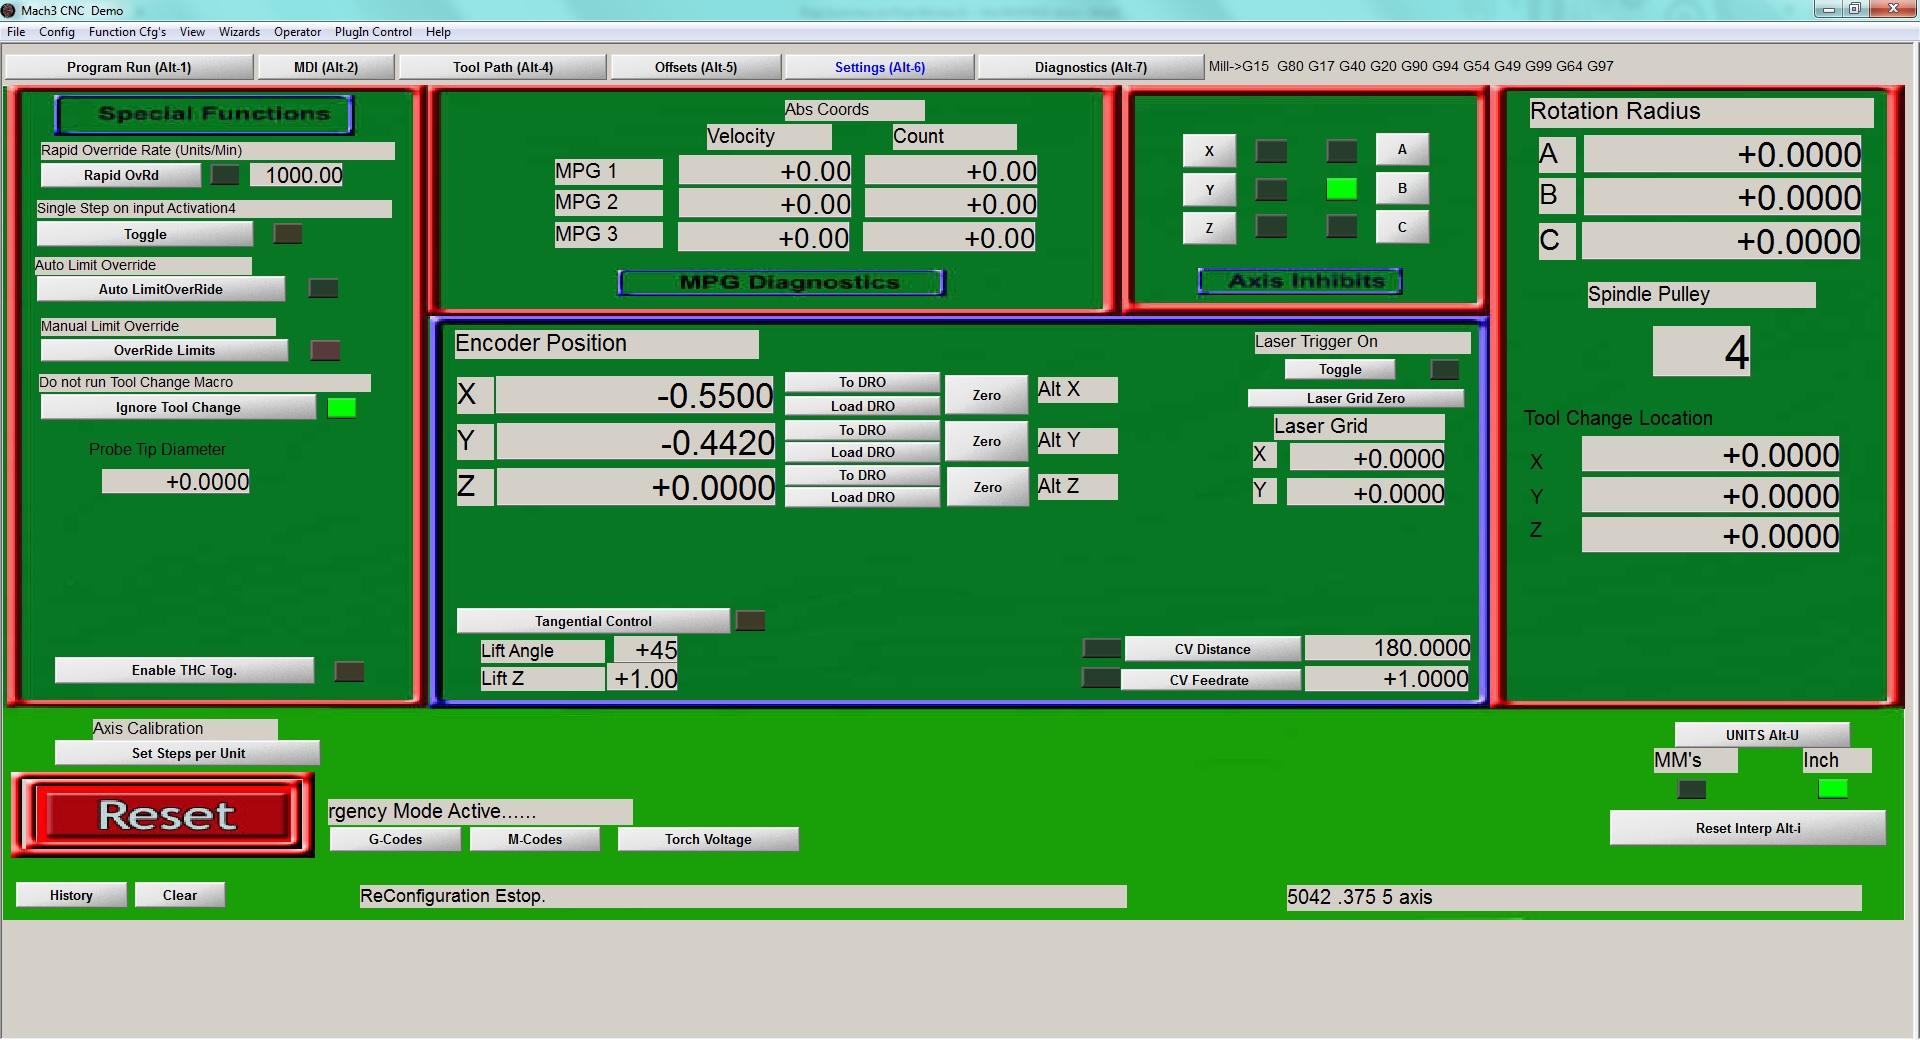 Avid CNC | CNC Router Parts